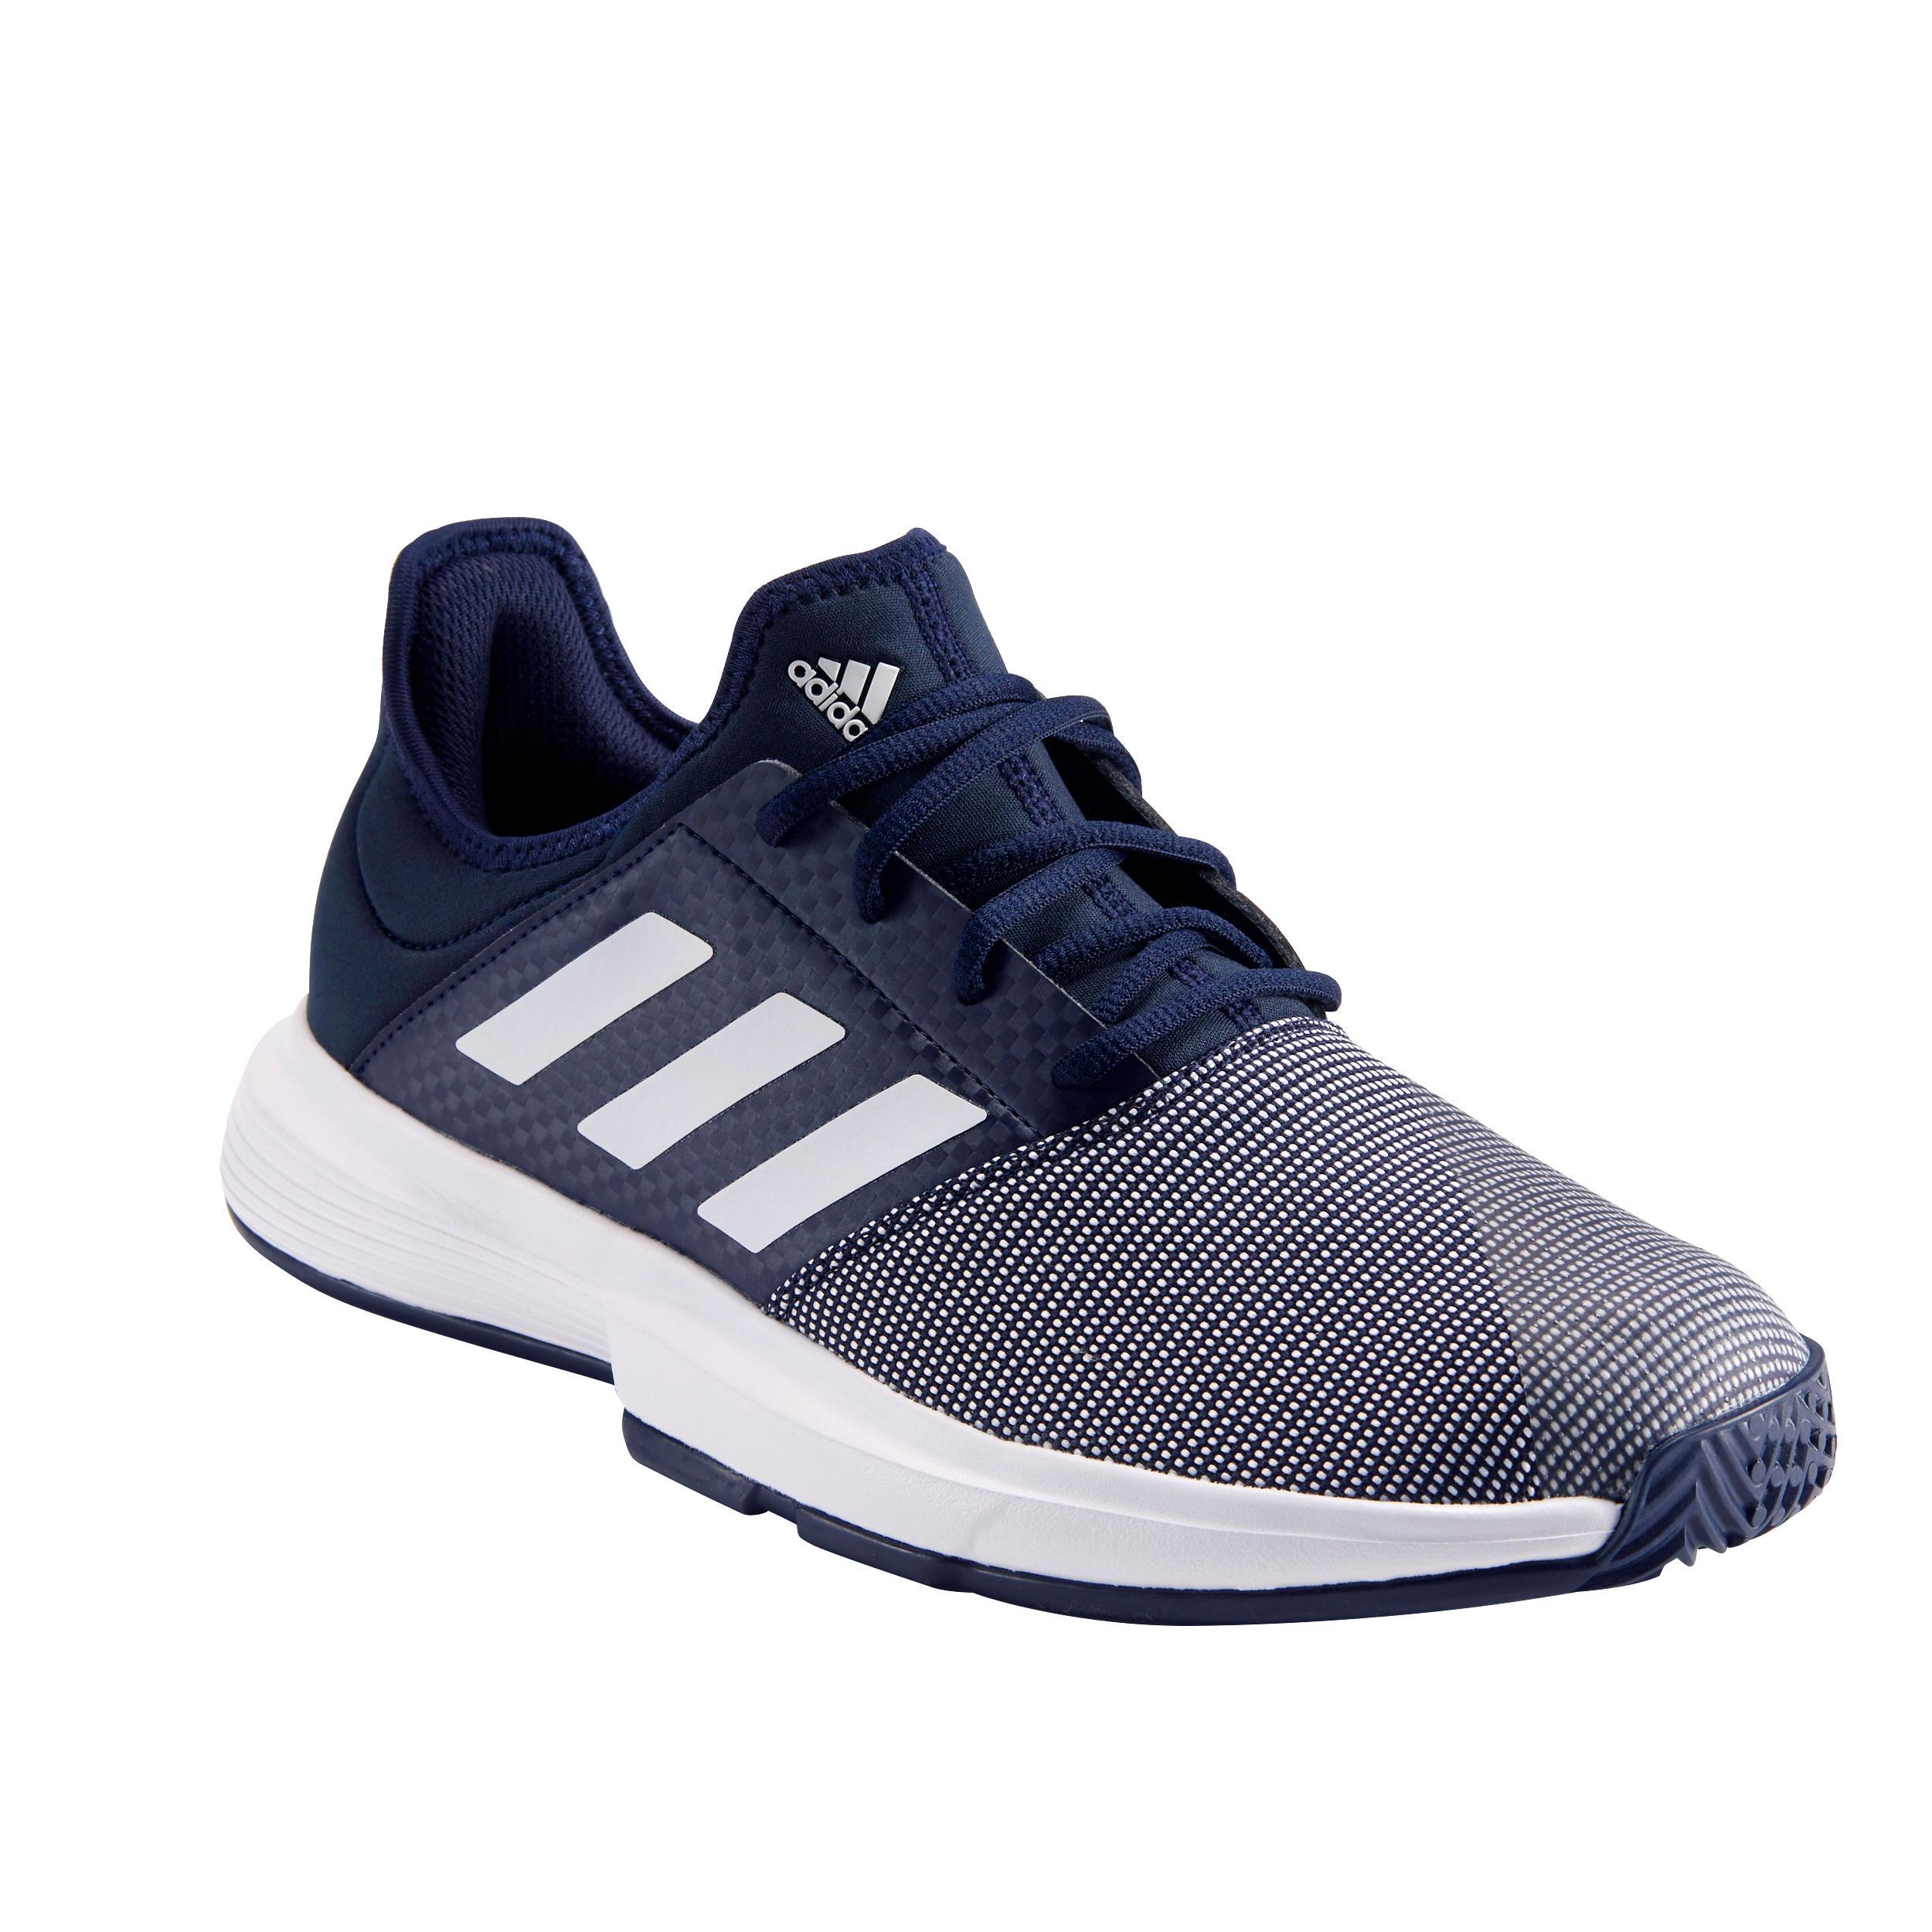 Încălțăminte Adidas GameCourt imagine